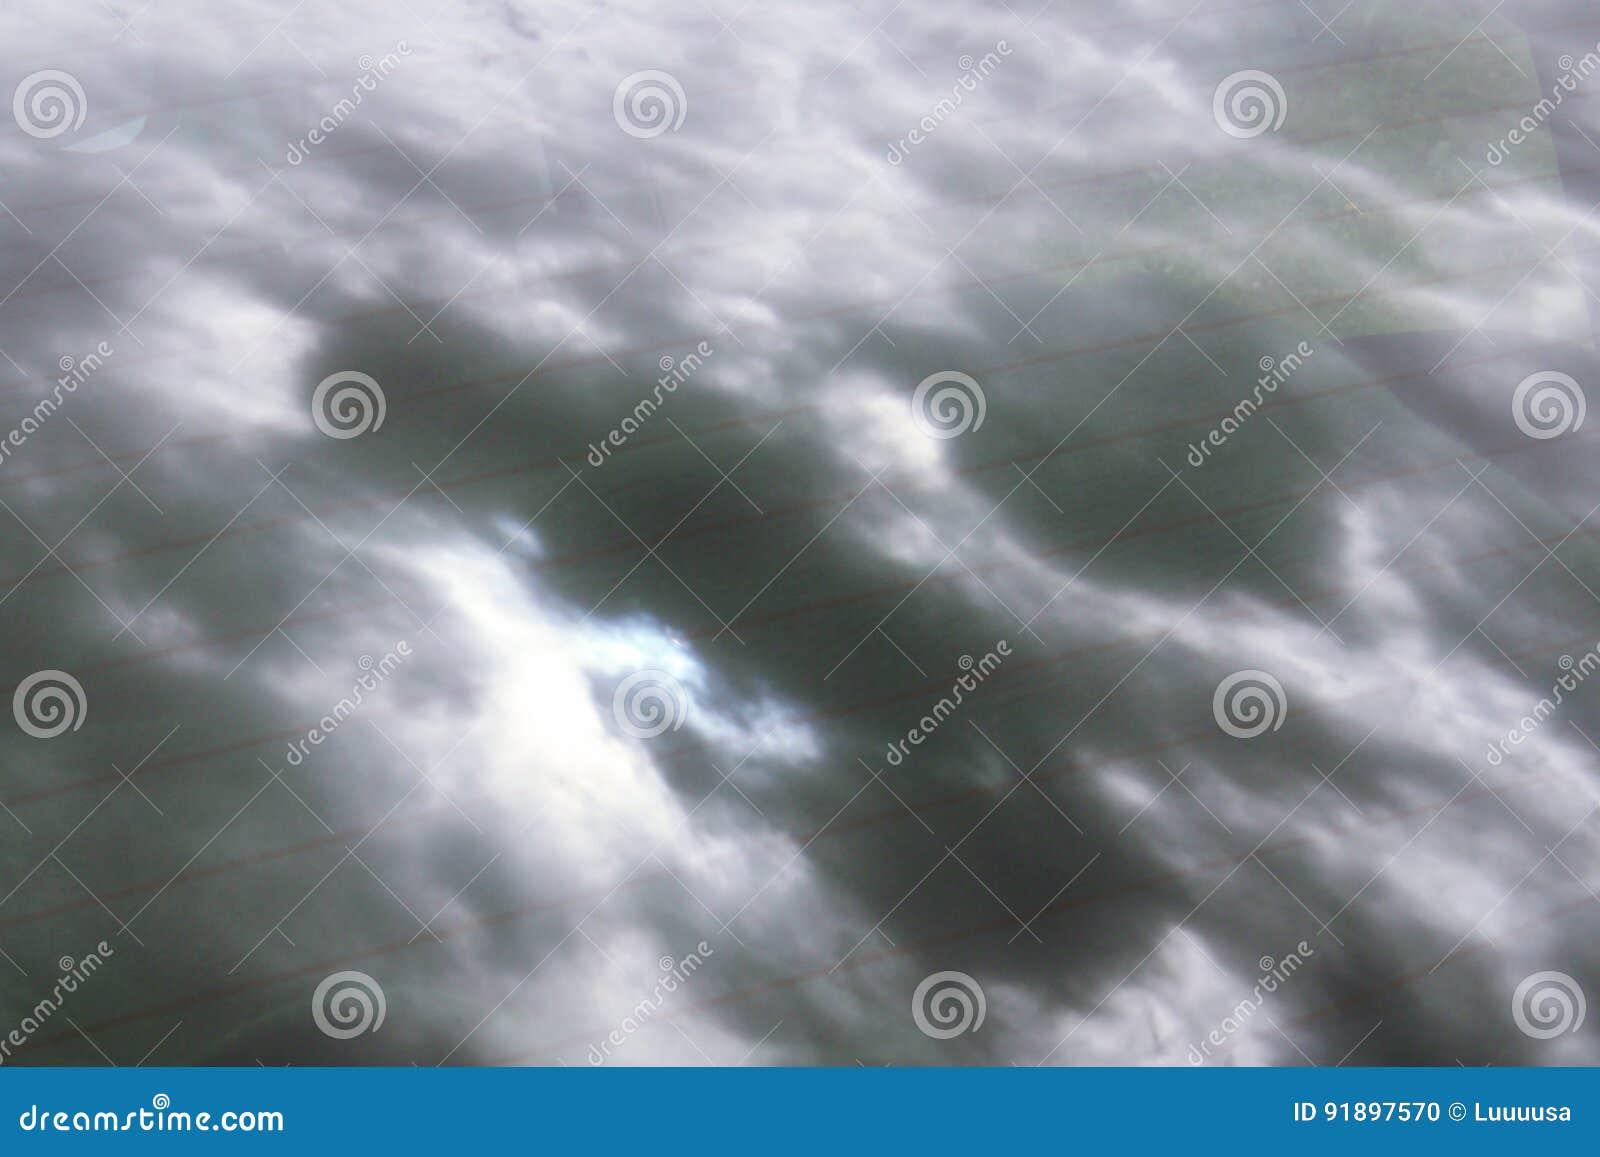 Espejo del cielo nublado de la tormenta en vidrio del coche